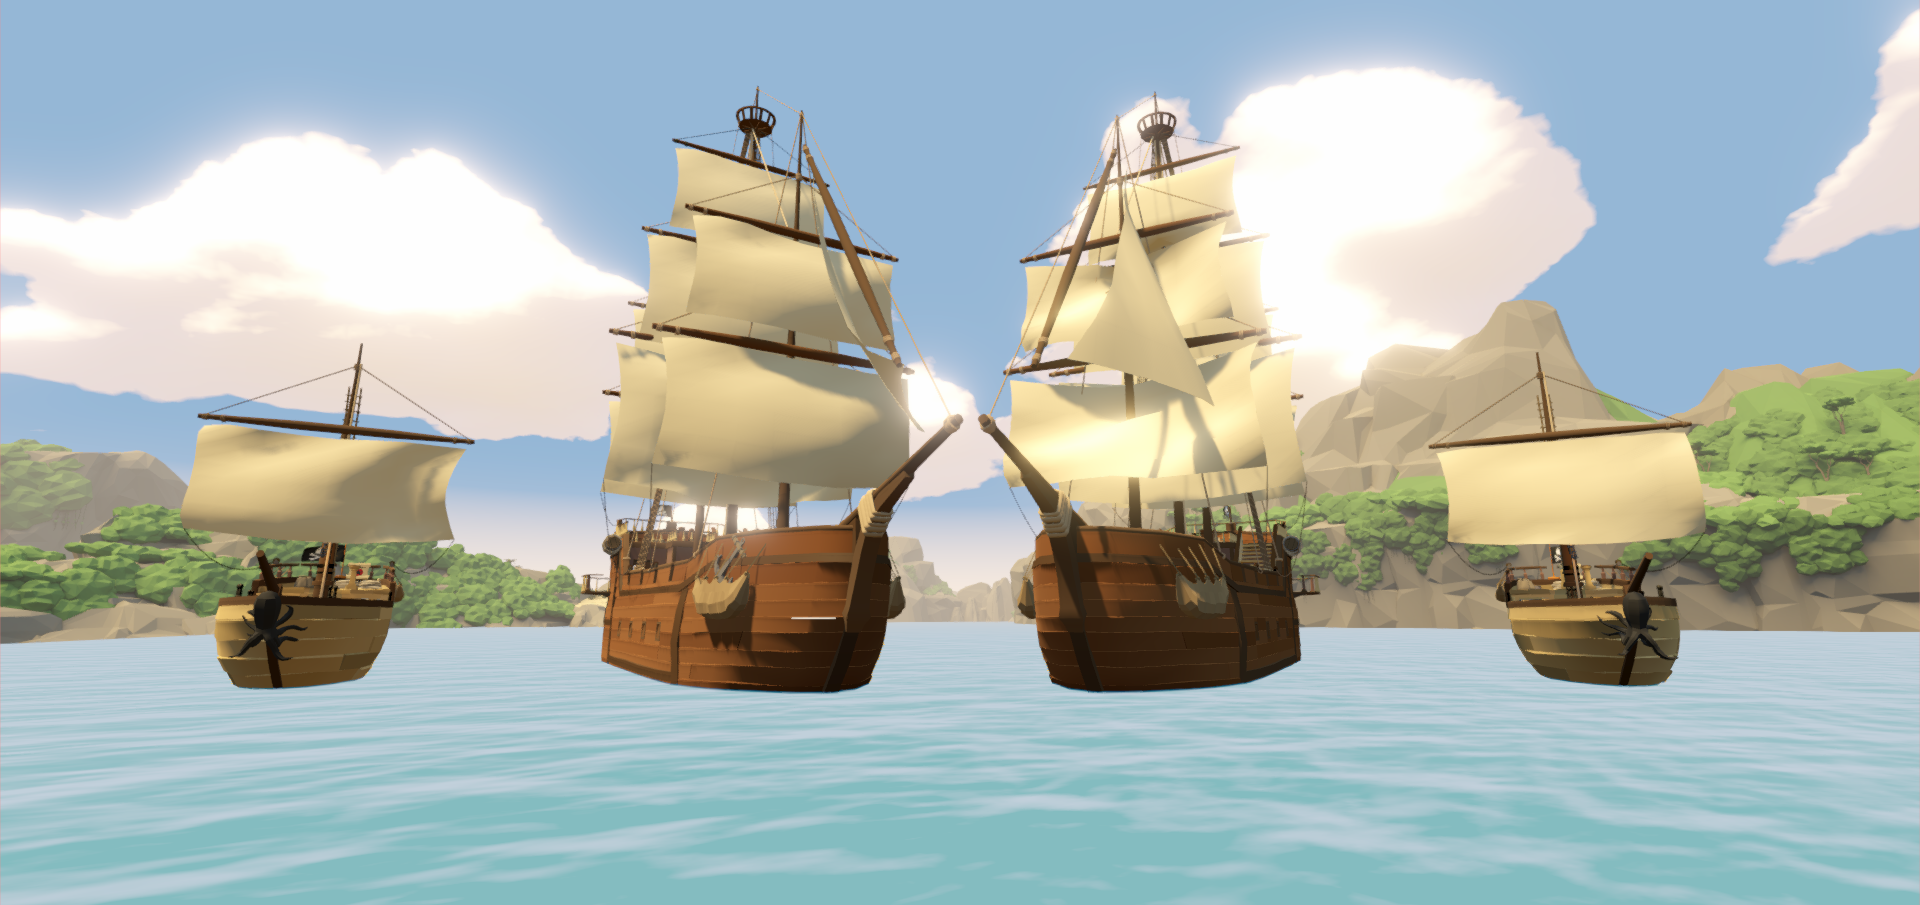 ConquestShips